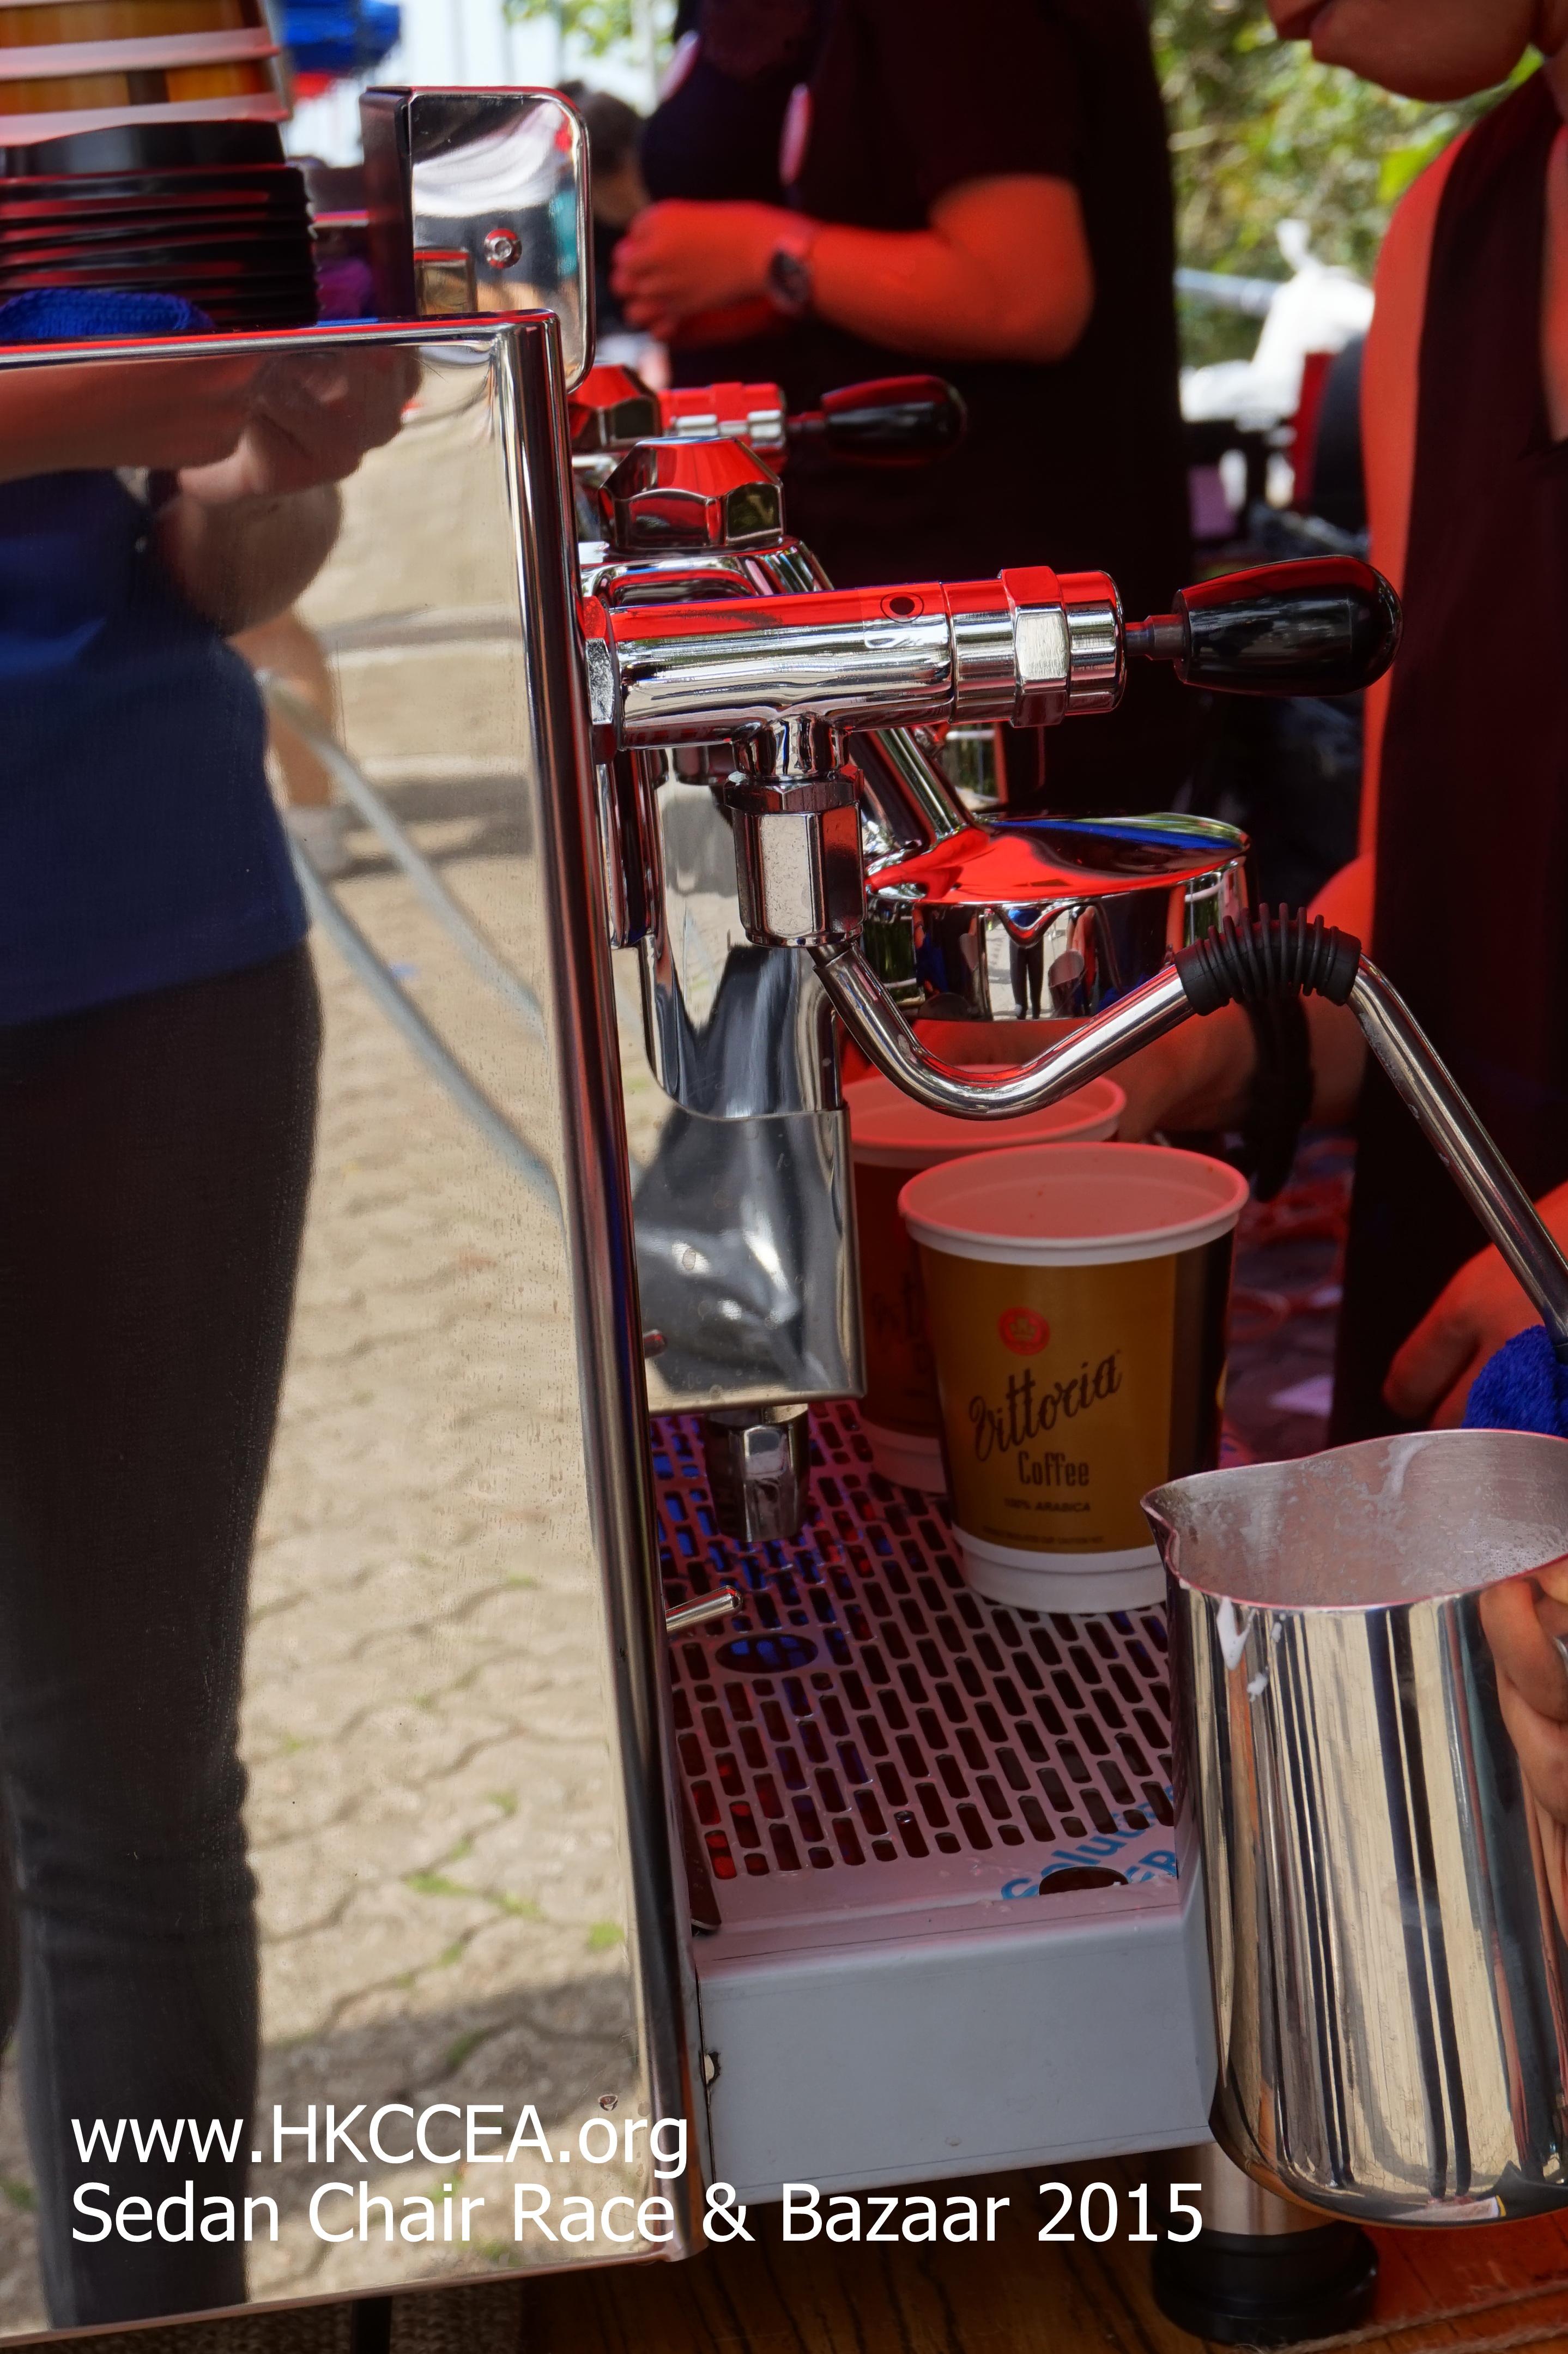 【義賣咖啡】抬轎比賽暨慈善賣物會 完滿結束 – 香港咖啡文化促進會